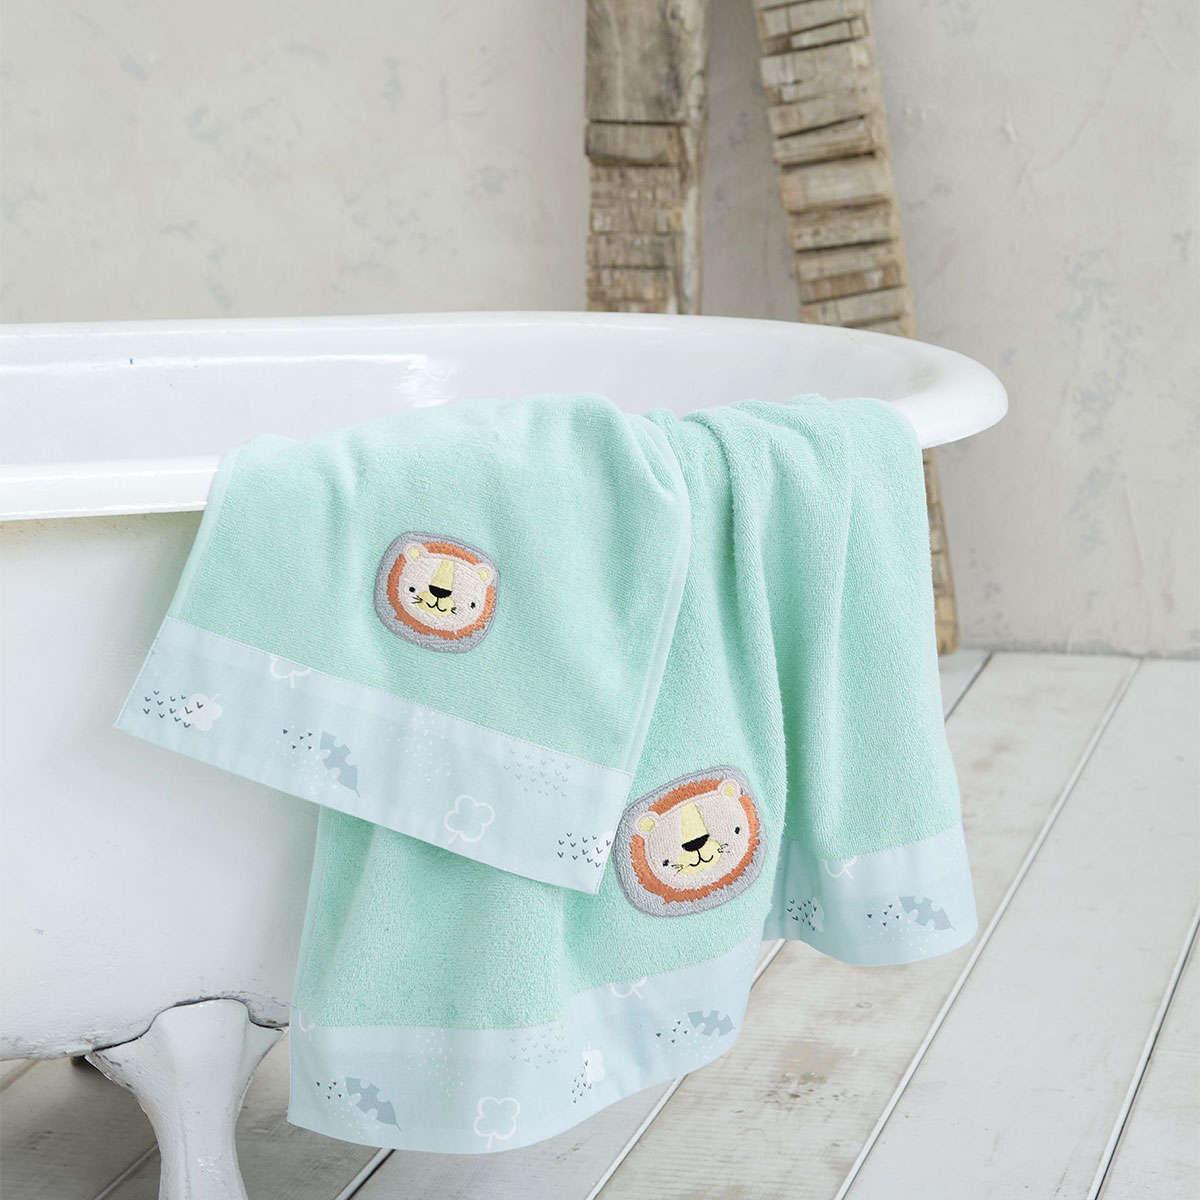 Πετσέτα Παιδική – Daba Doo Light Green Nima Σώματος 70x140cm